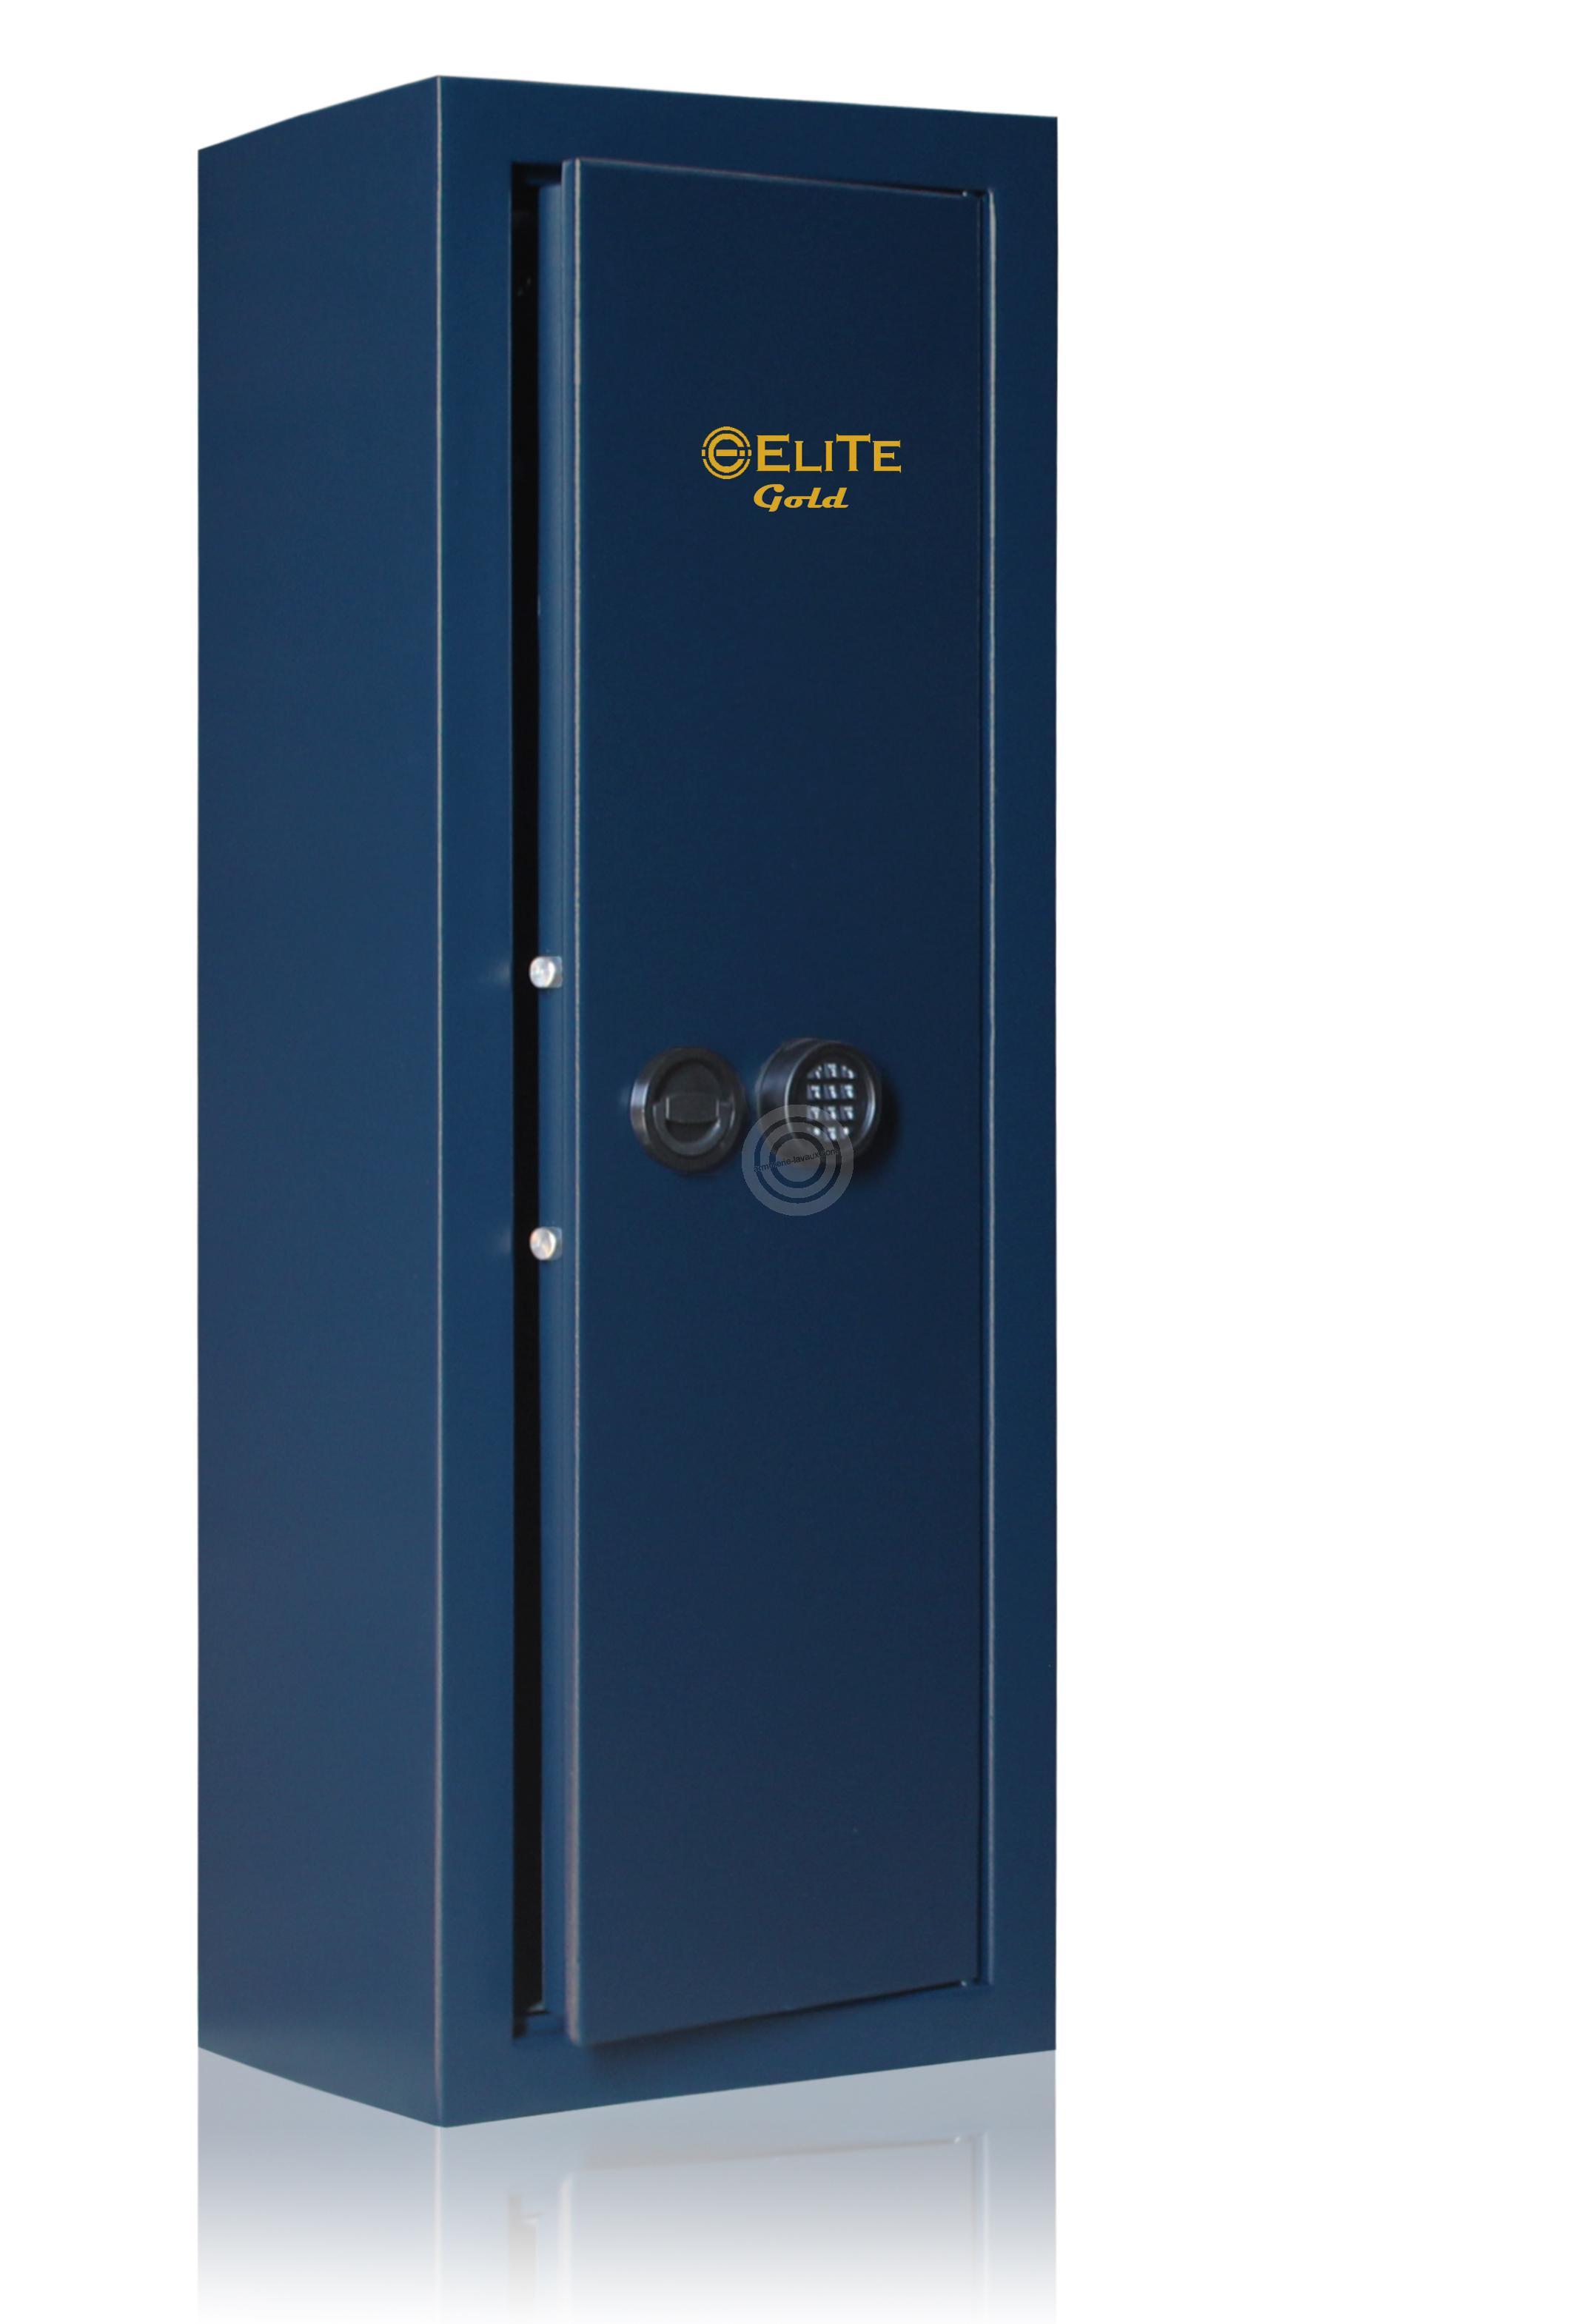 Armoire Forte Elite Gold 6 Armes Avec Lunettes 118 Kg